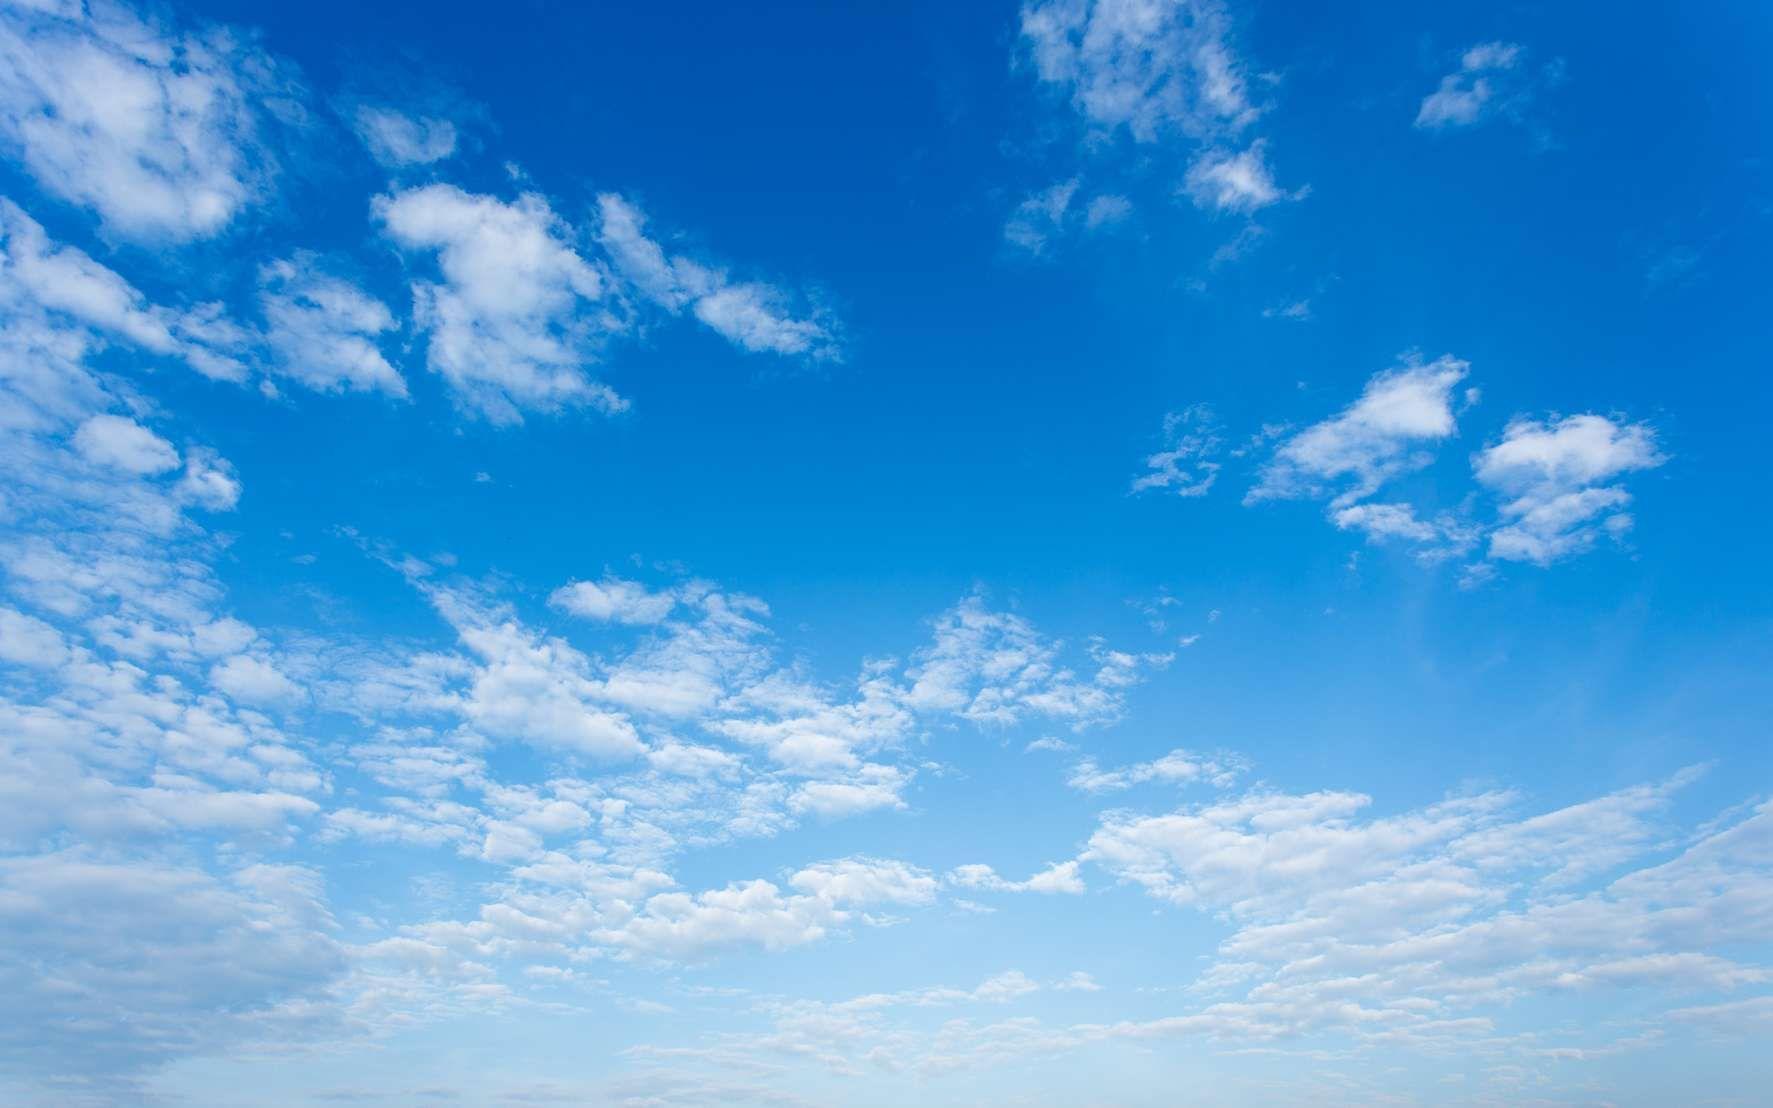 Pourquoi Le Ciel Est Il Bleu Ciel Bleu Ciel Paysage Bleu